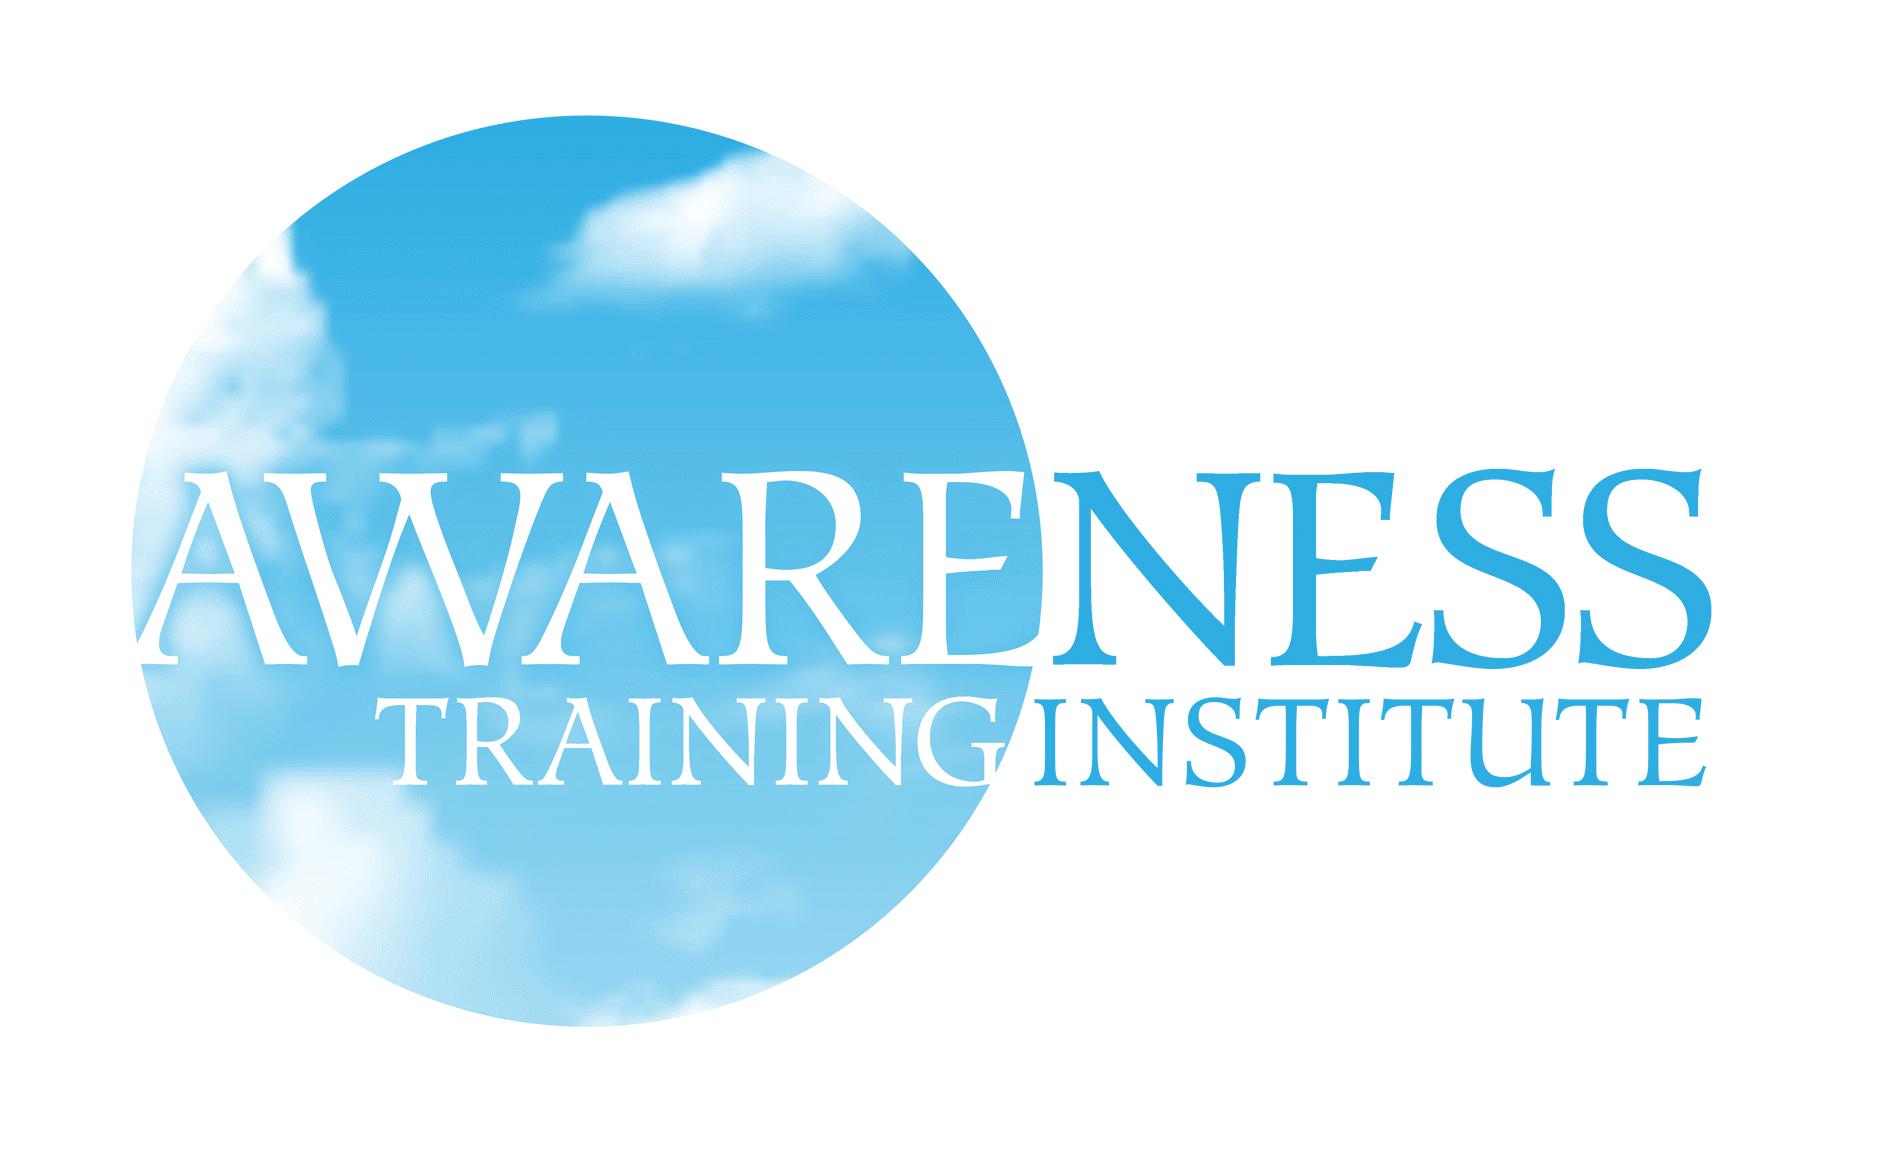 awareness training institute logo